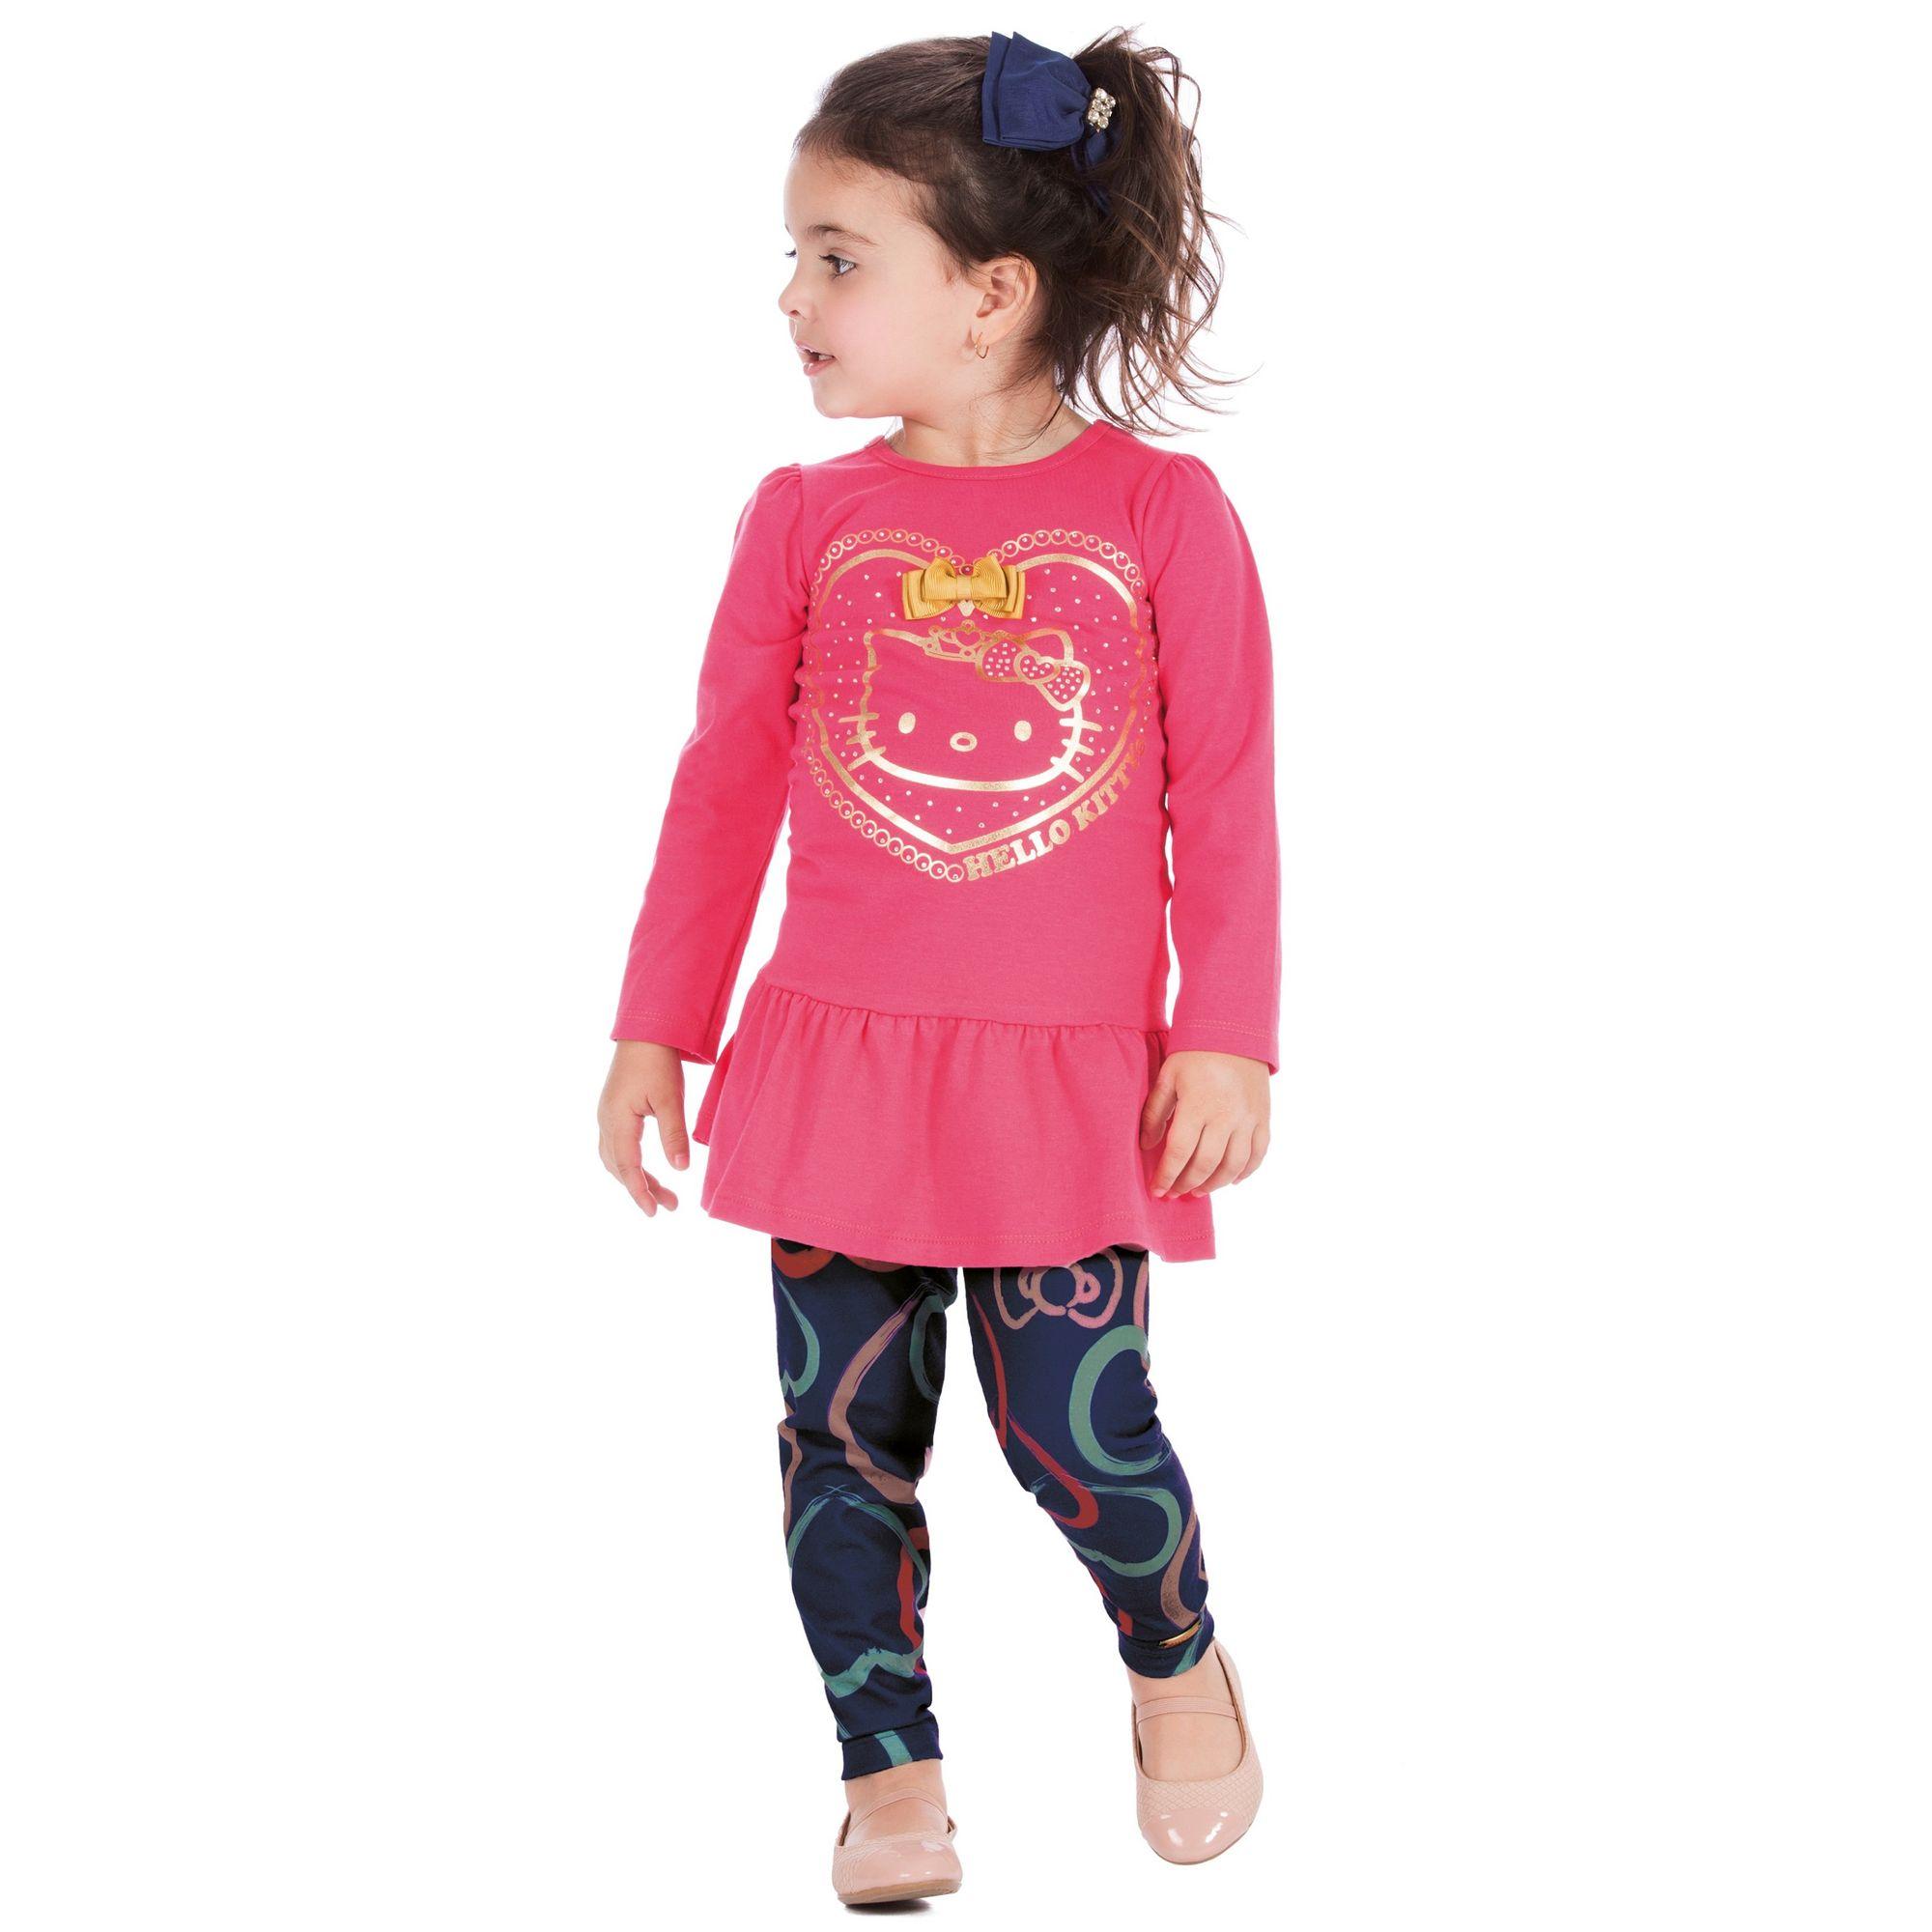 94ab8d3061 Camiseta Pink Menina Coração Dourado e Legging Cotton Estampado Hello Kitty  - Roupas Infantis para Meninas EcaMeleca Kids - EcaMeleca